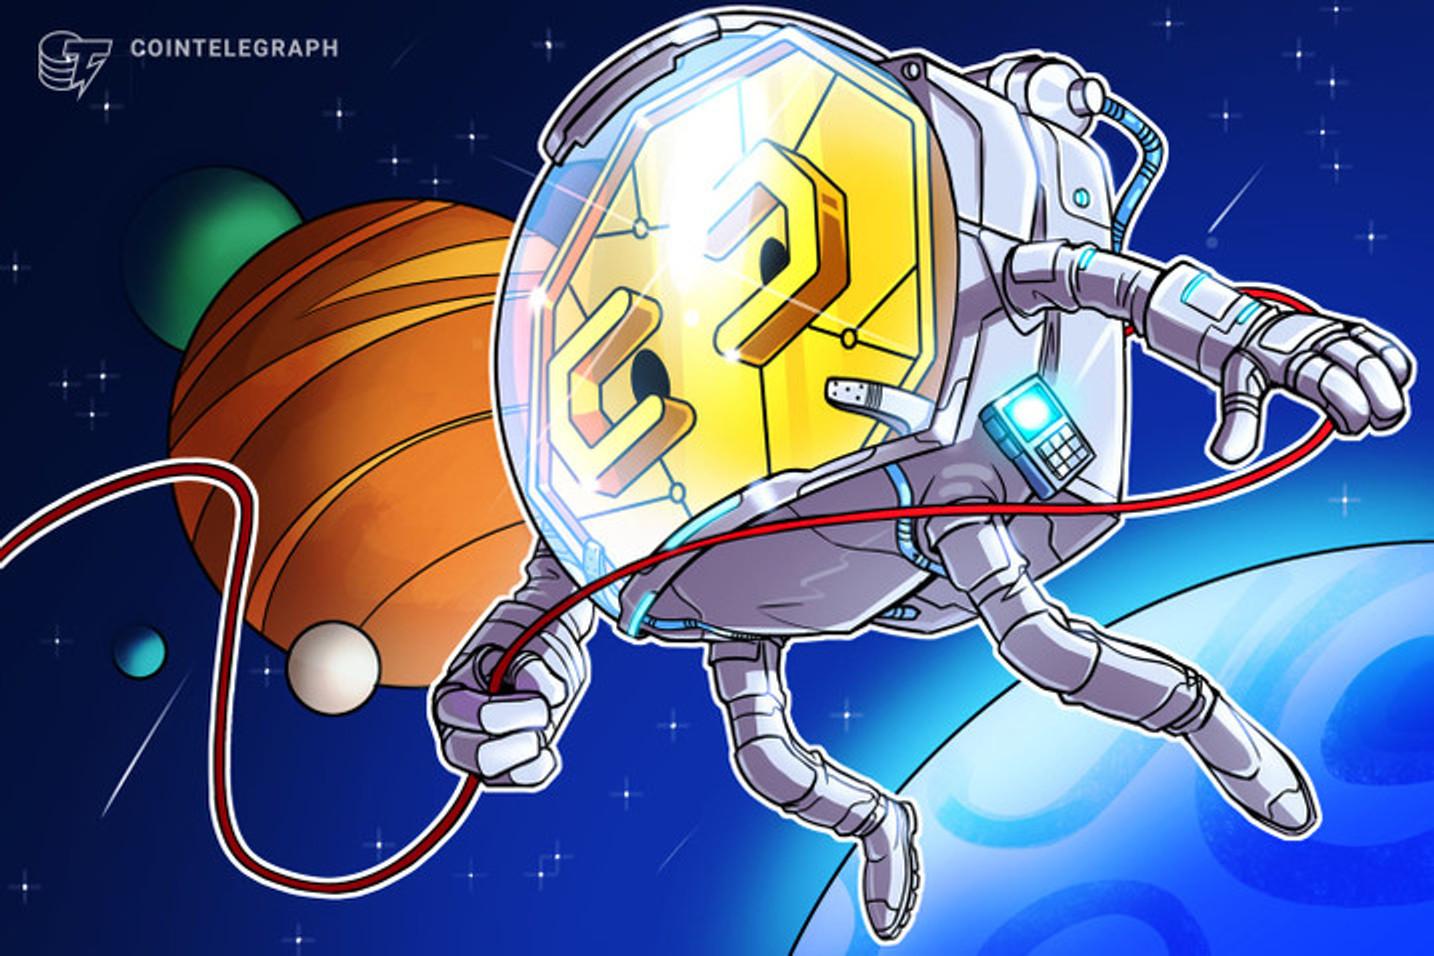 BTG abraça de vez o Bitcoin e lança mais um fundo cripto aprovado pela CVM